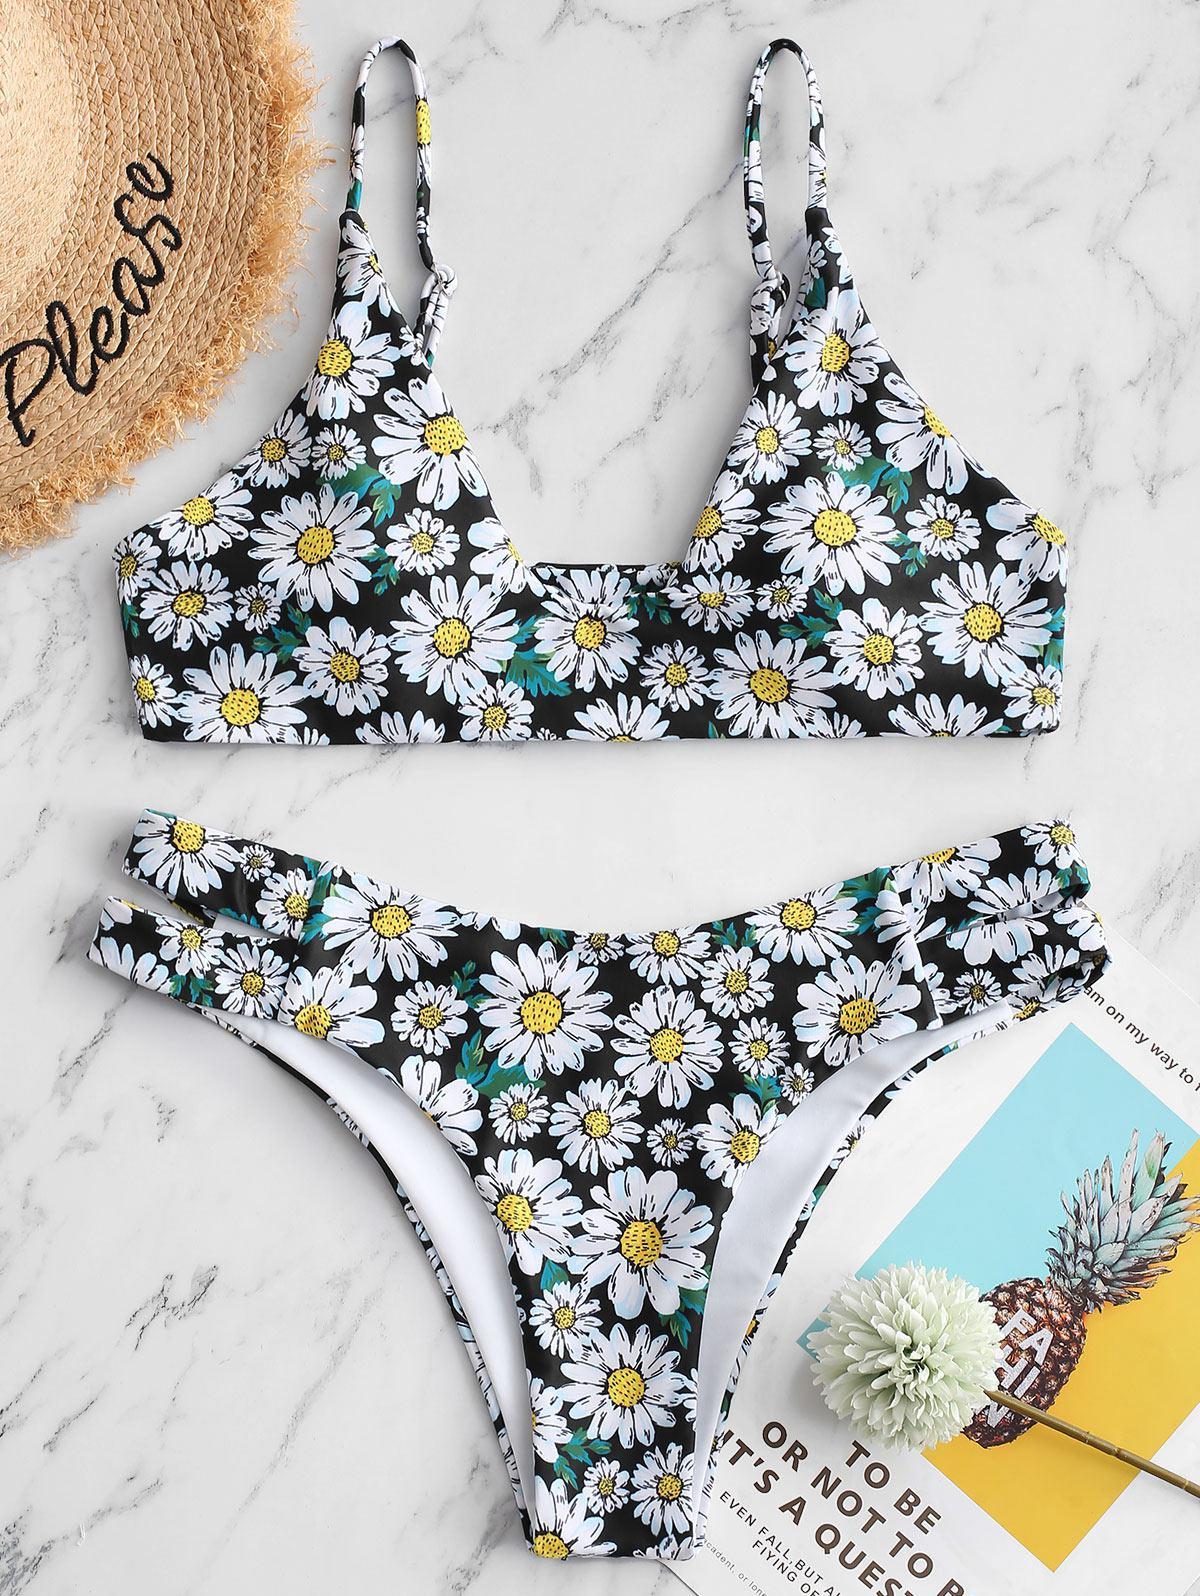 ZAFUL Side Cutout Daisy Print Bikini Swimsuit фото